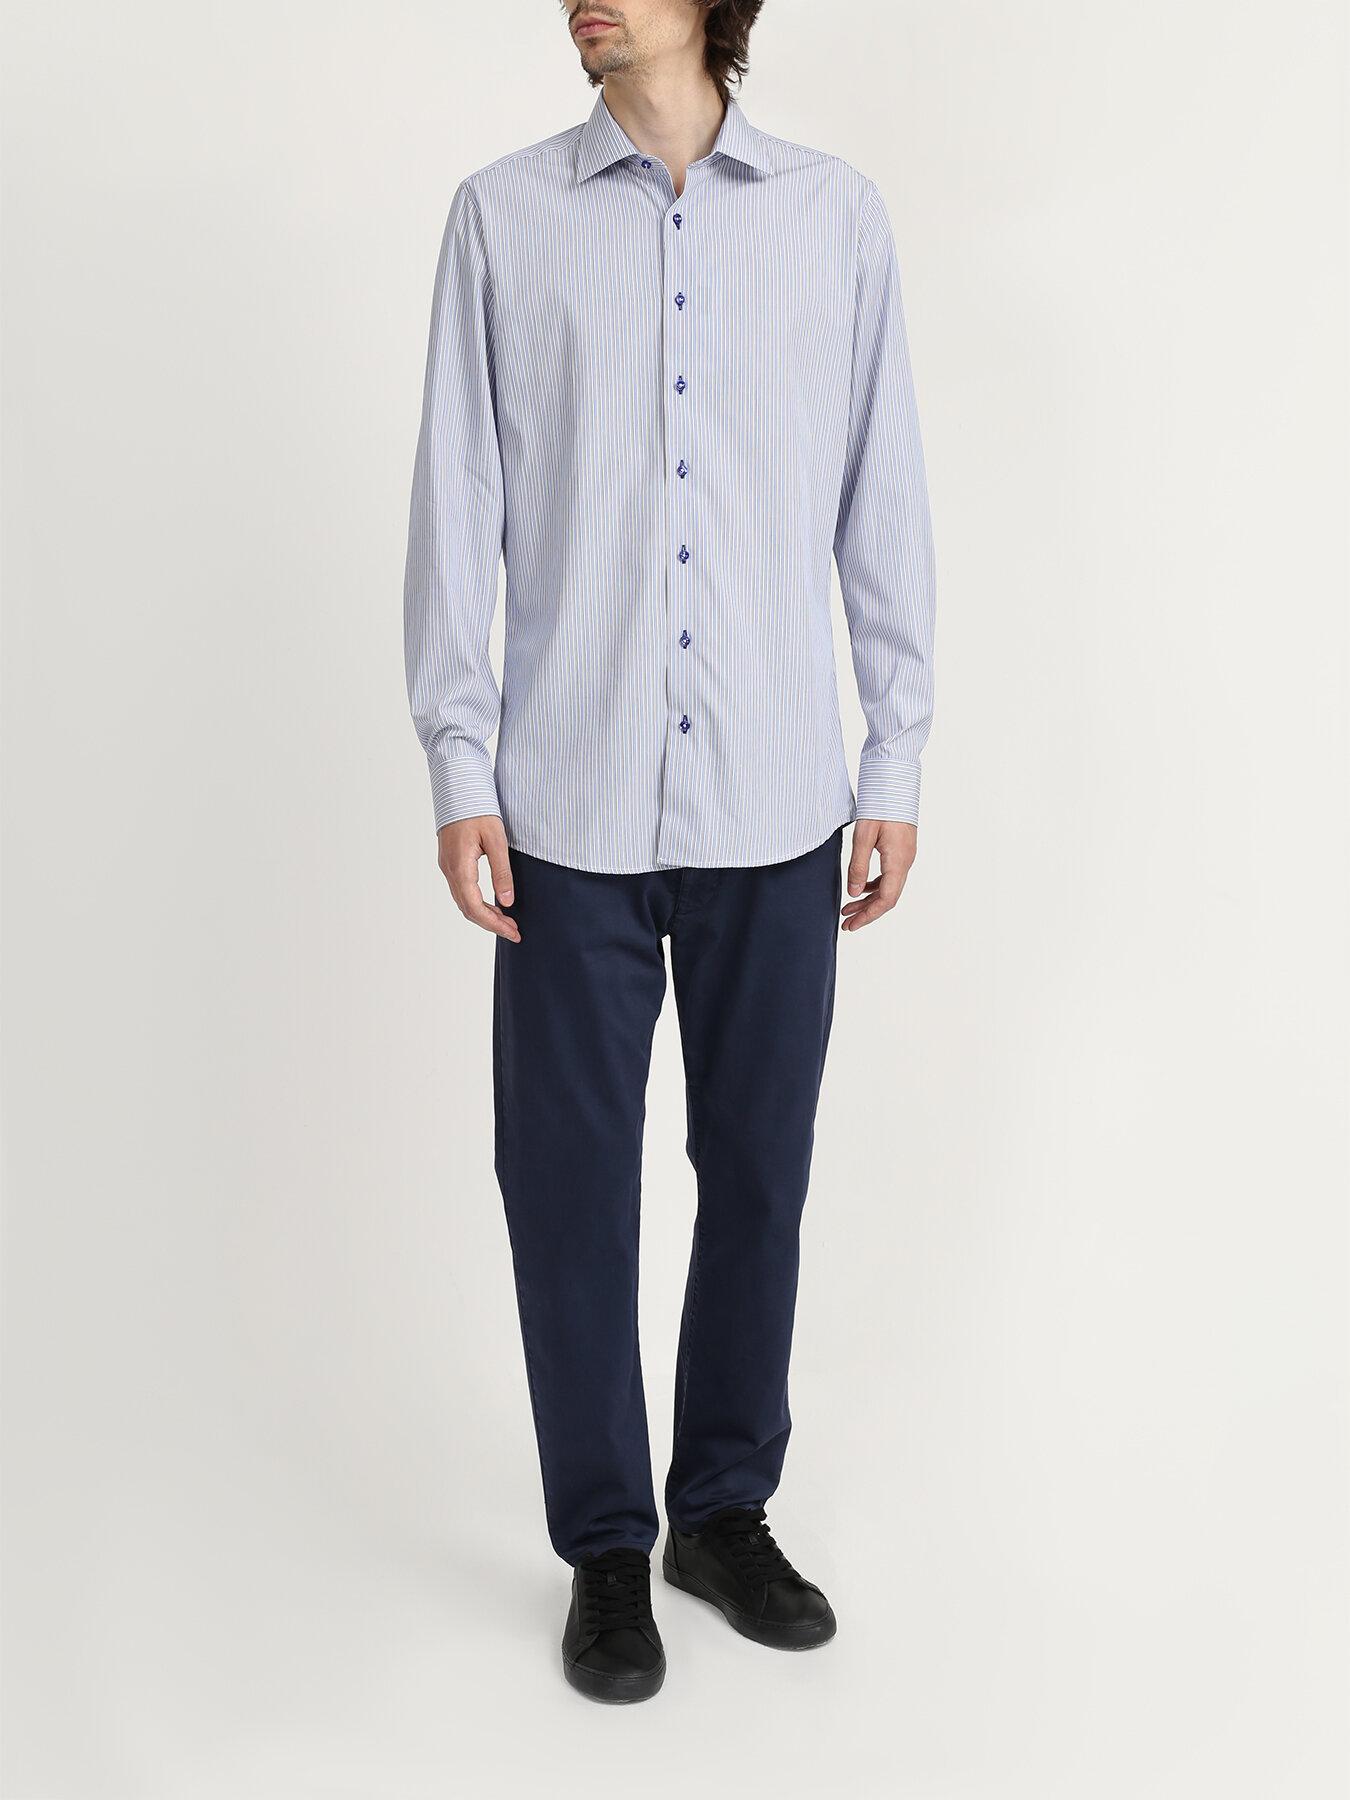 Рубашка Ritter jeans